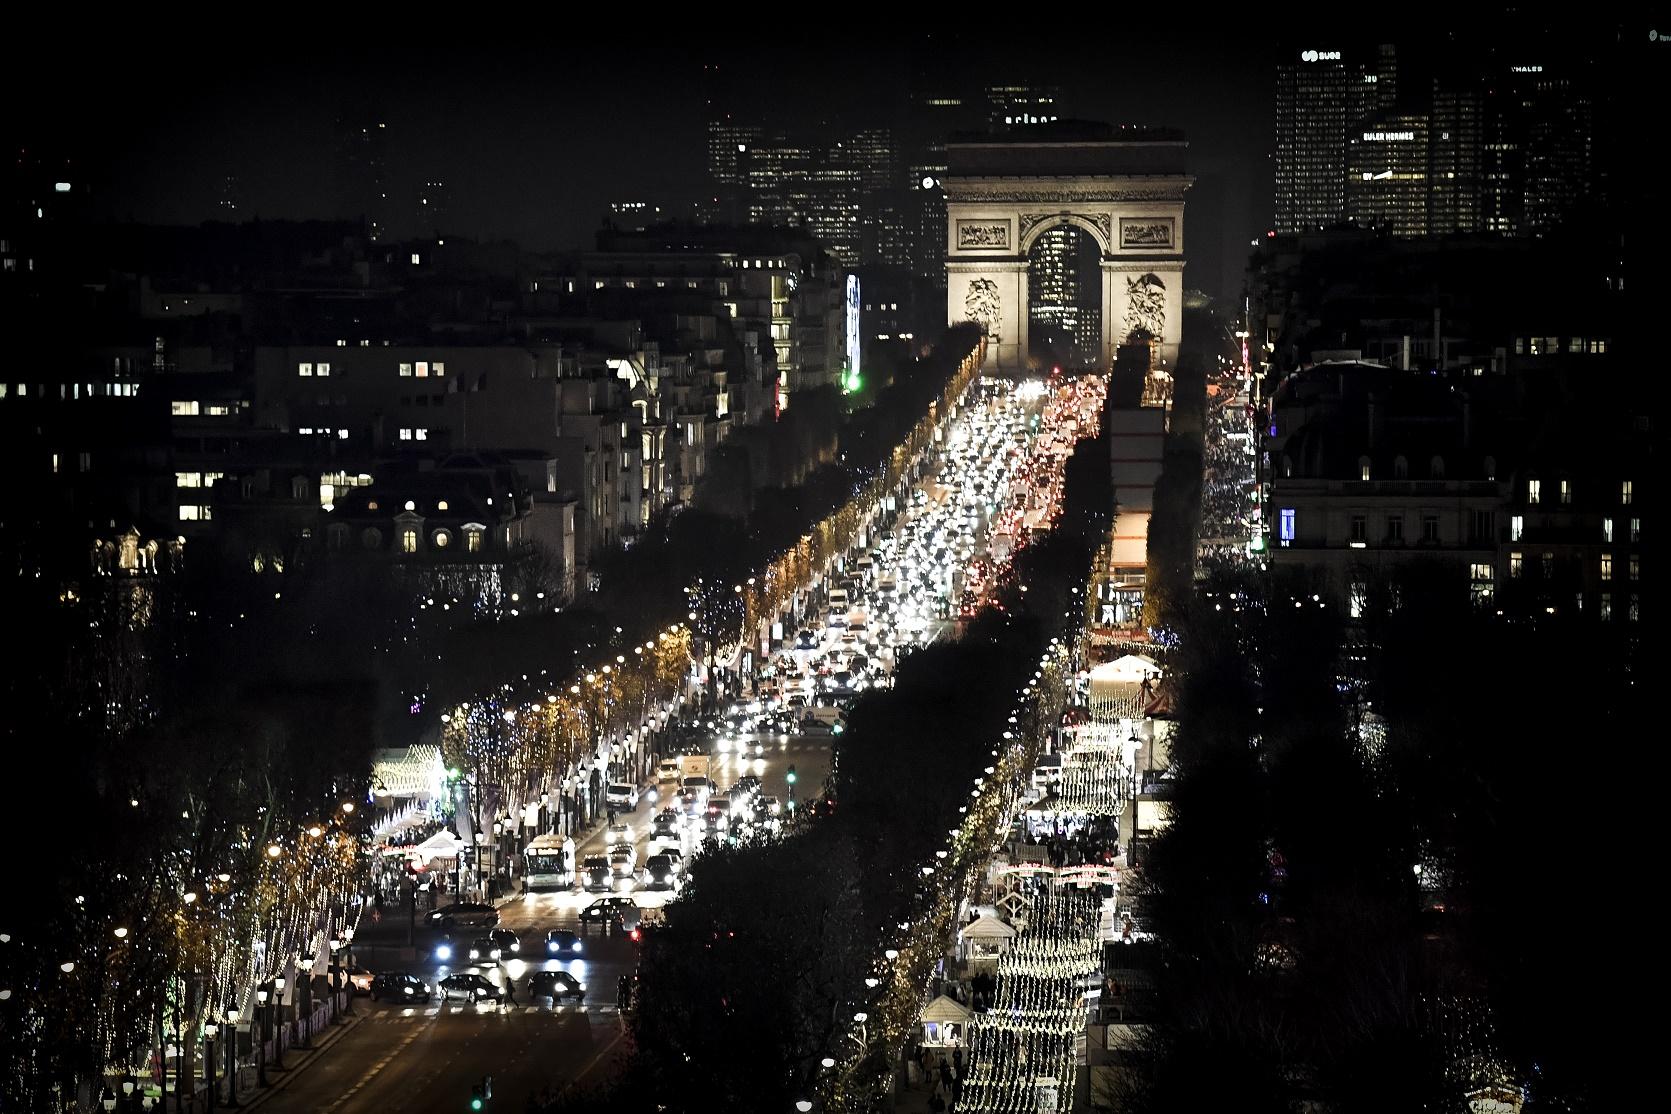 Imagem noturna do trânsito intenso na tradicional Champs Elysees, em Paris. Foto de Philippe Lopez/AFP